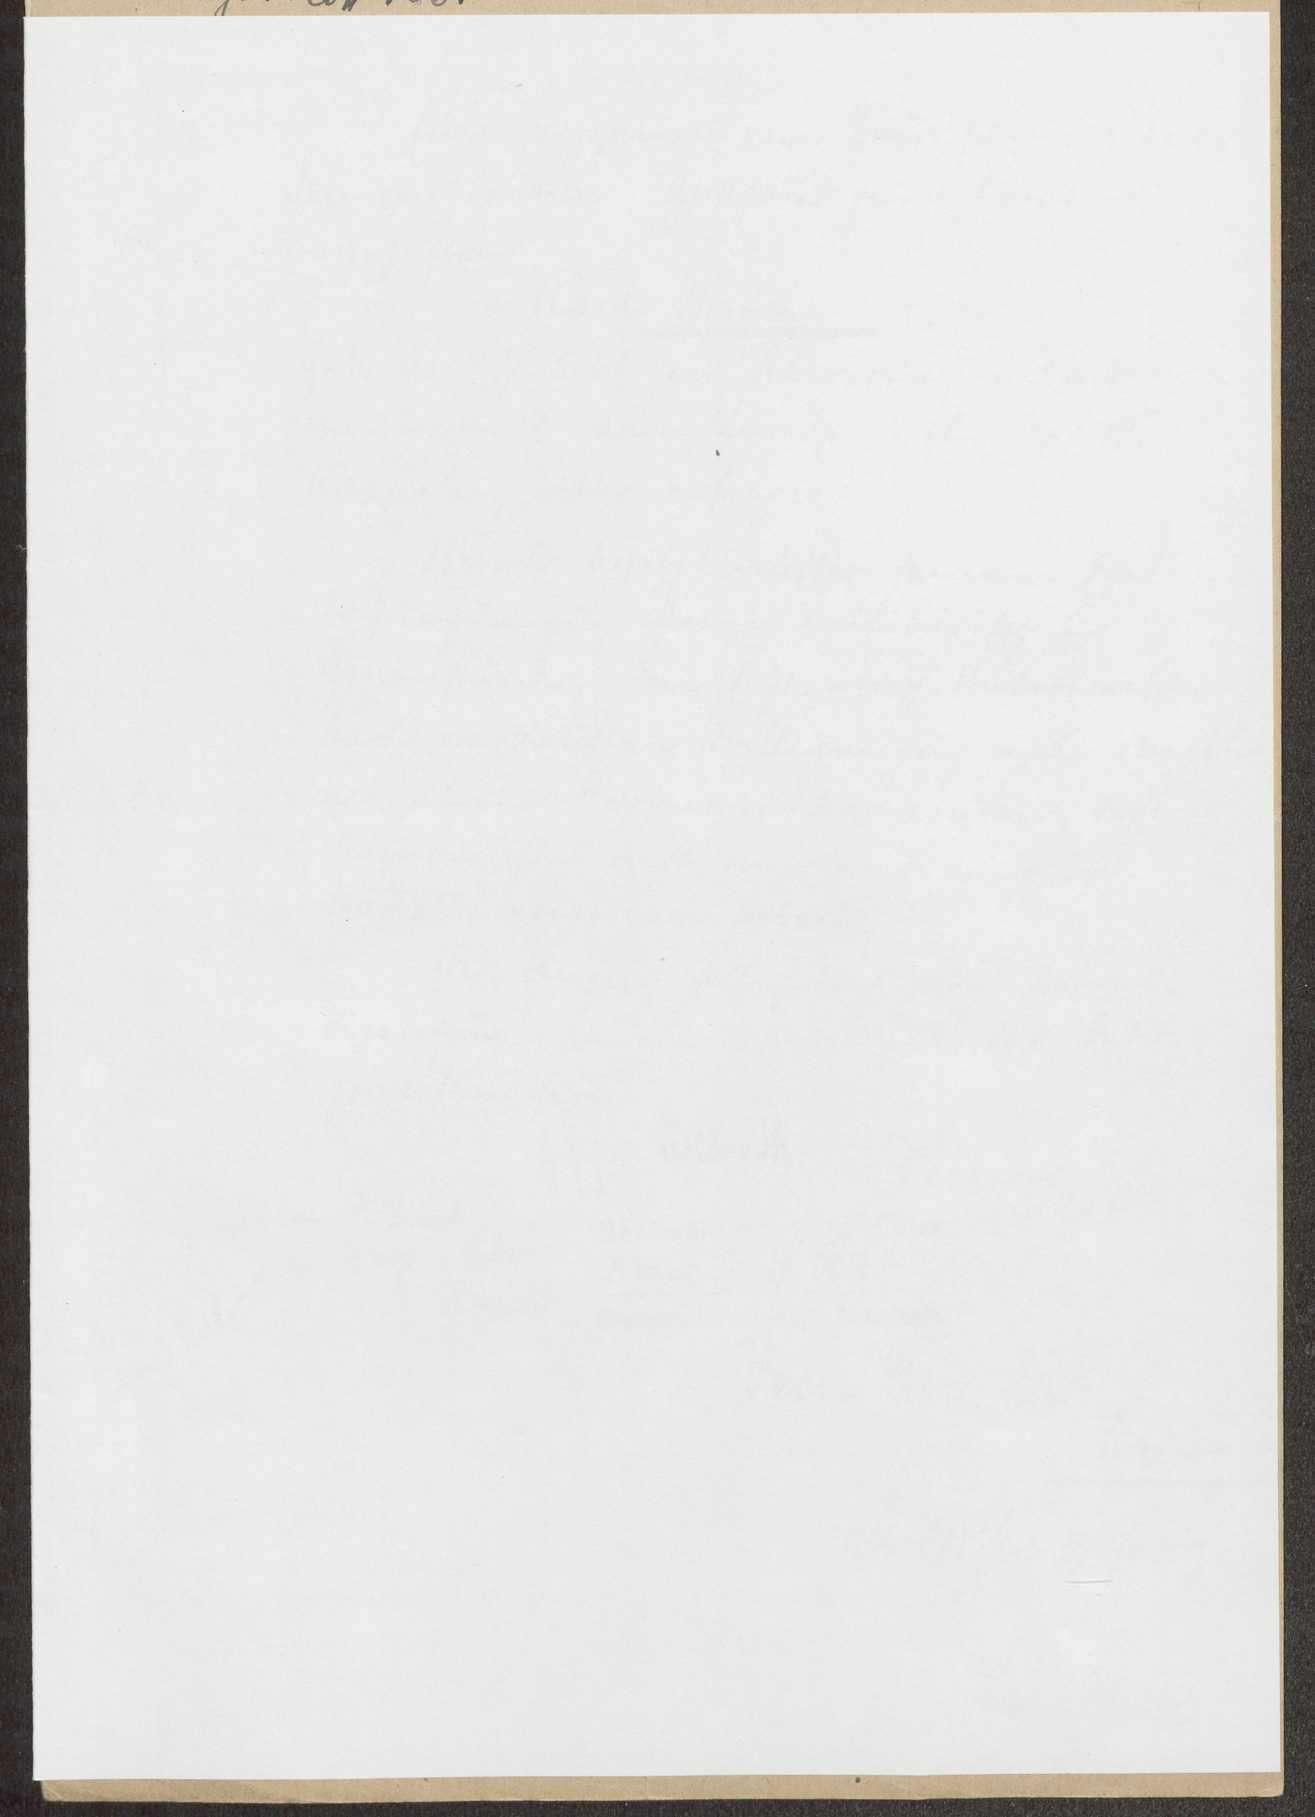 Ermittlung wegen des Verdachts der Unterschlagung von Heeresgut, Liste der beschlagnahmten zivilen Waren, Bild 1